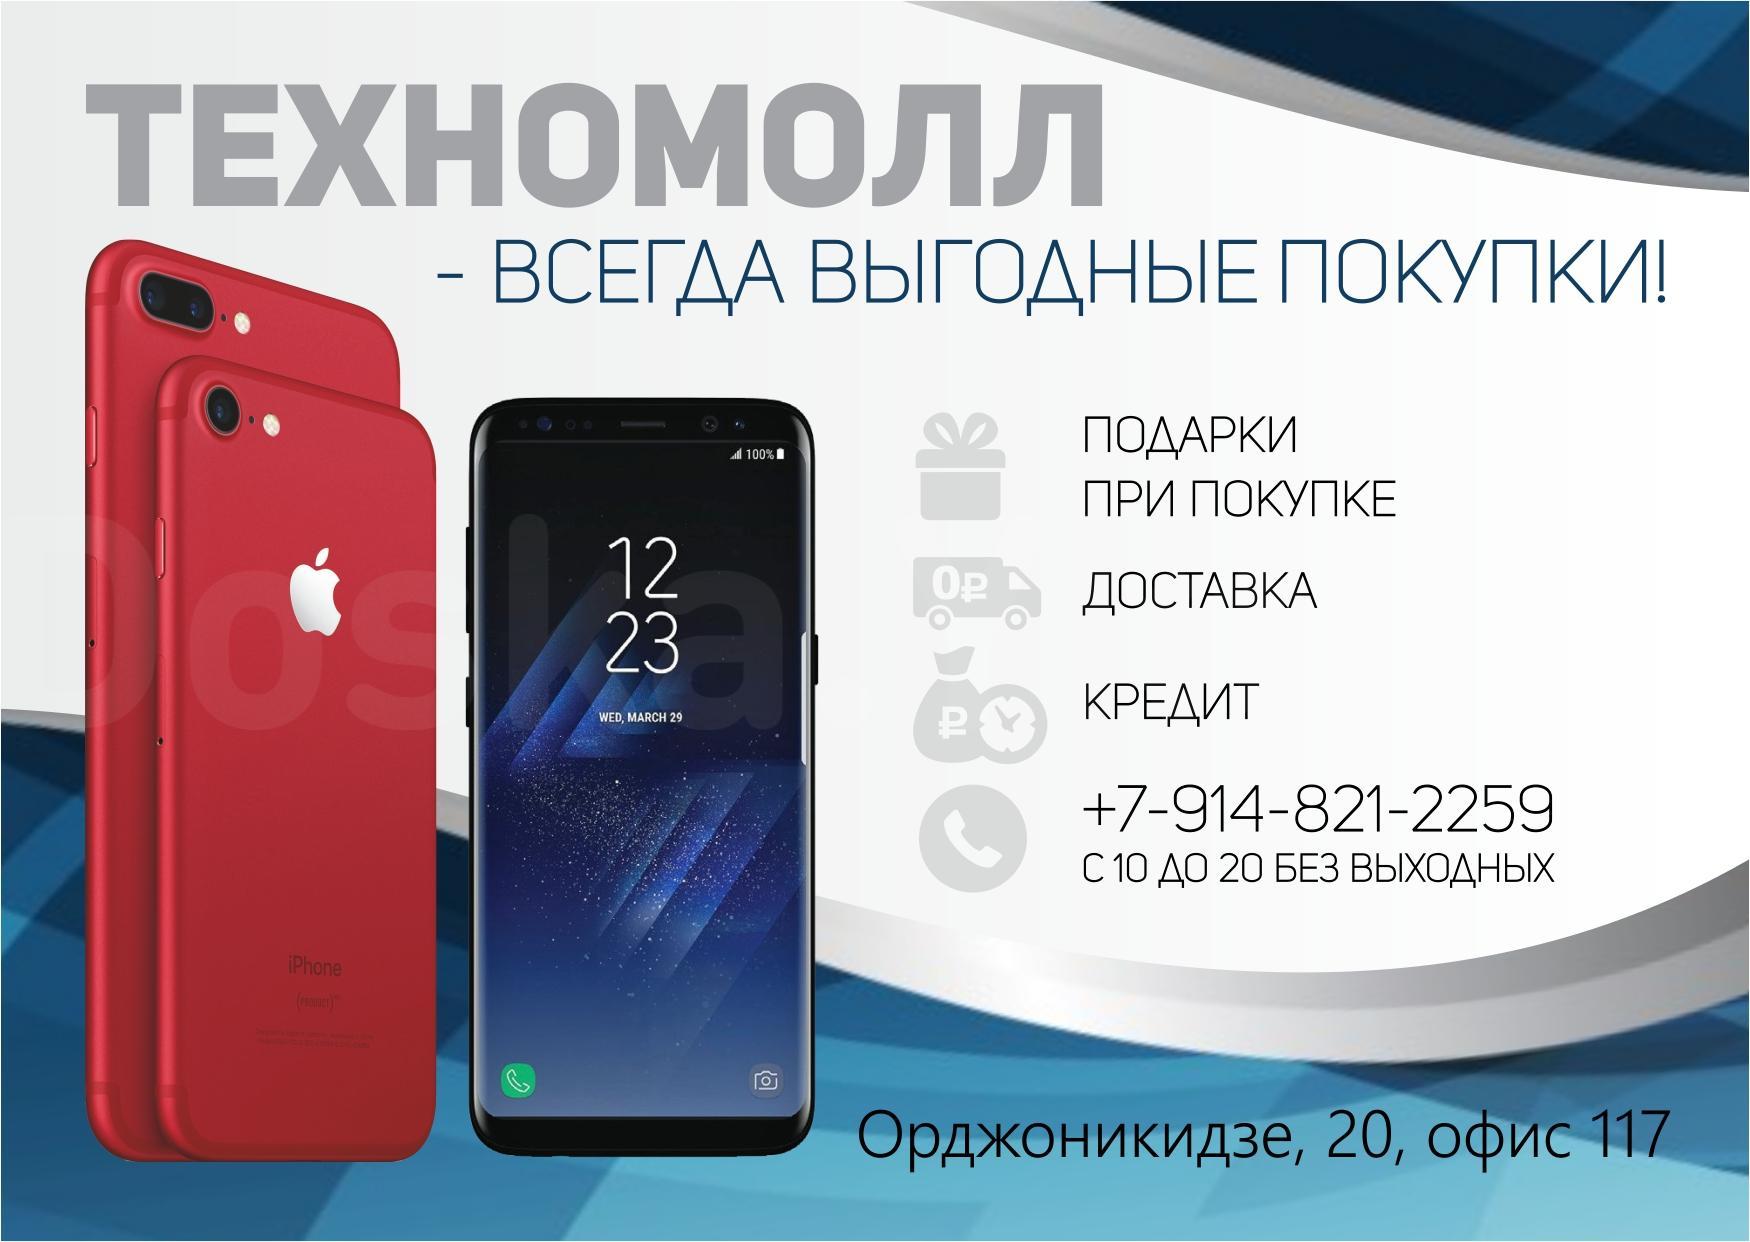 Где разместить объявление о покупке телефона продаю гараж пенал б/у частное объявление